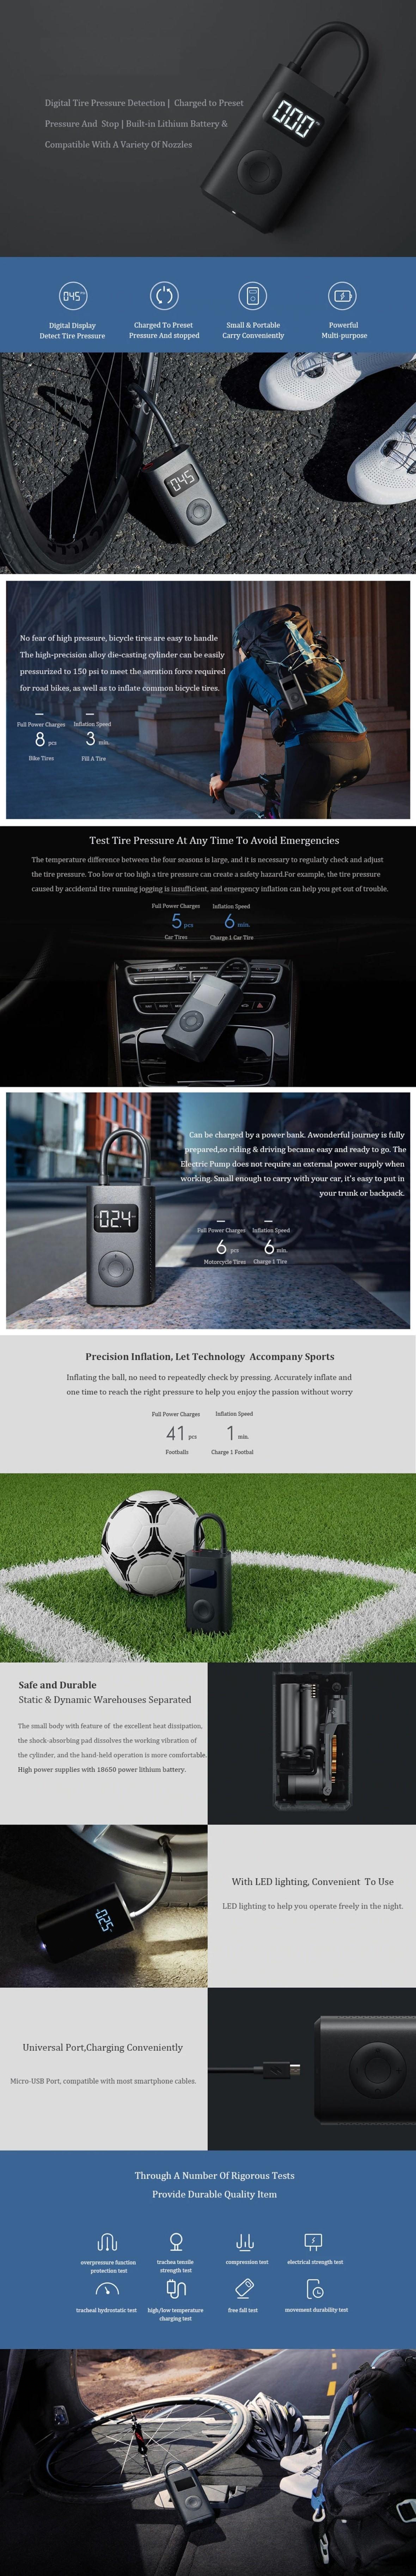 Prezentare-Xiaomi-Mi-Portable-Air-Pump5d9b04bd8a1f98c8.jpg